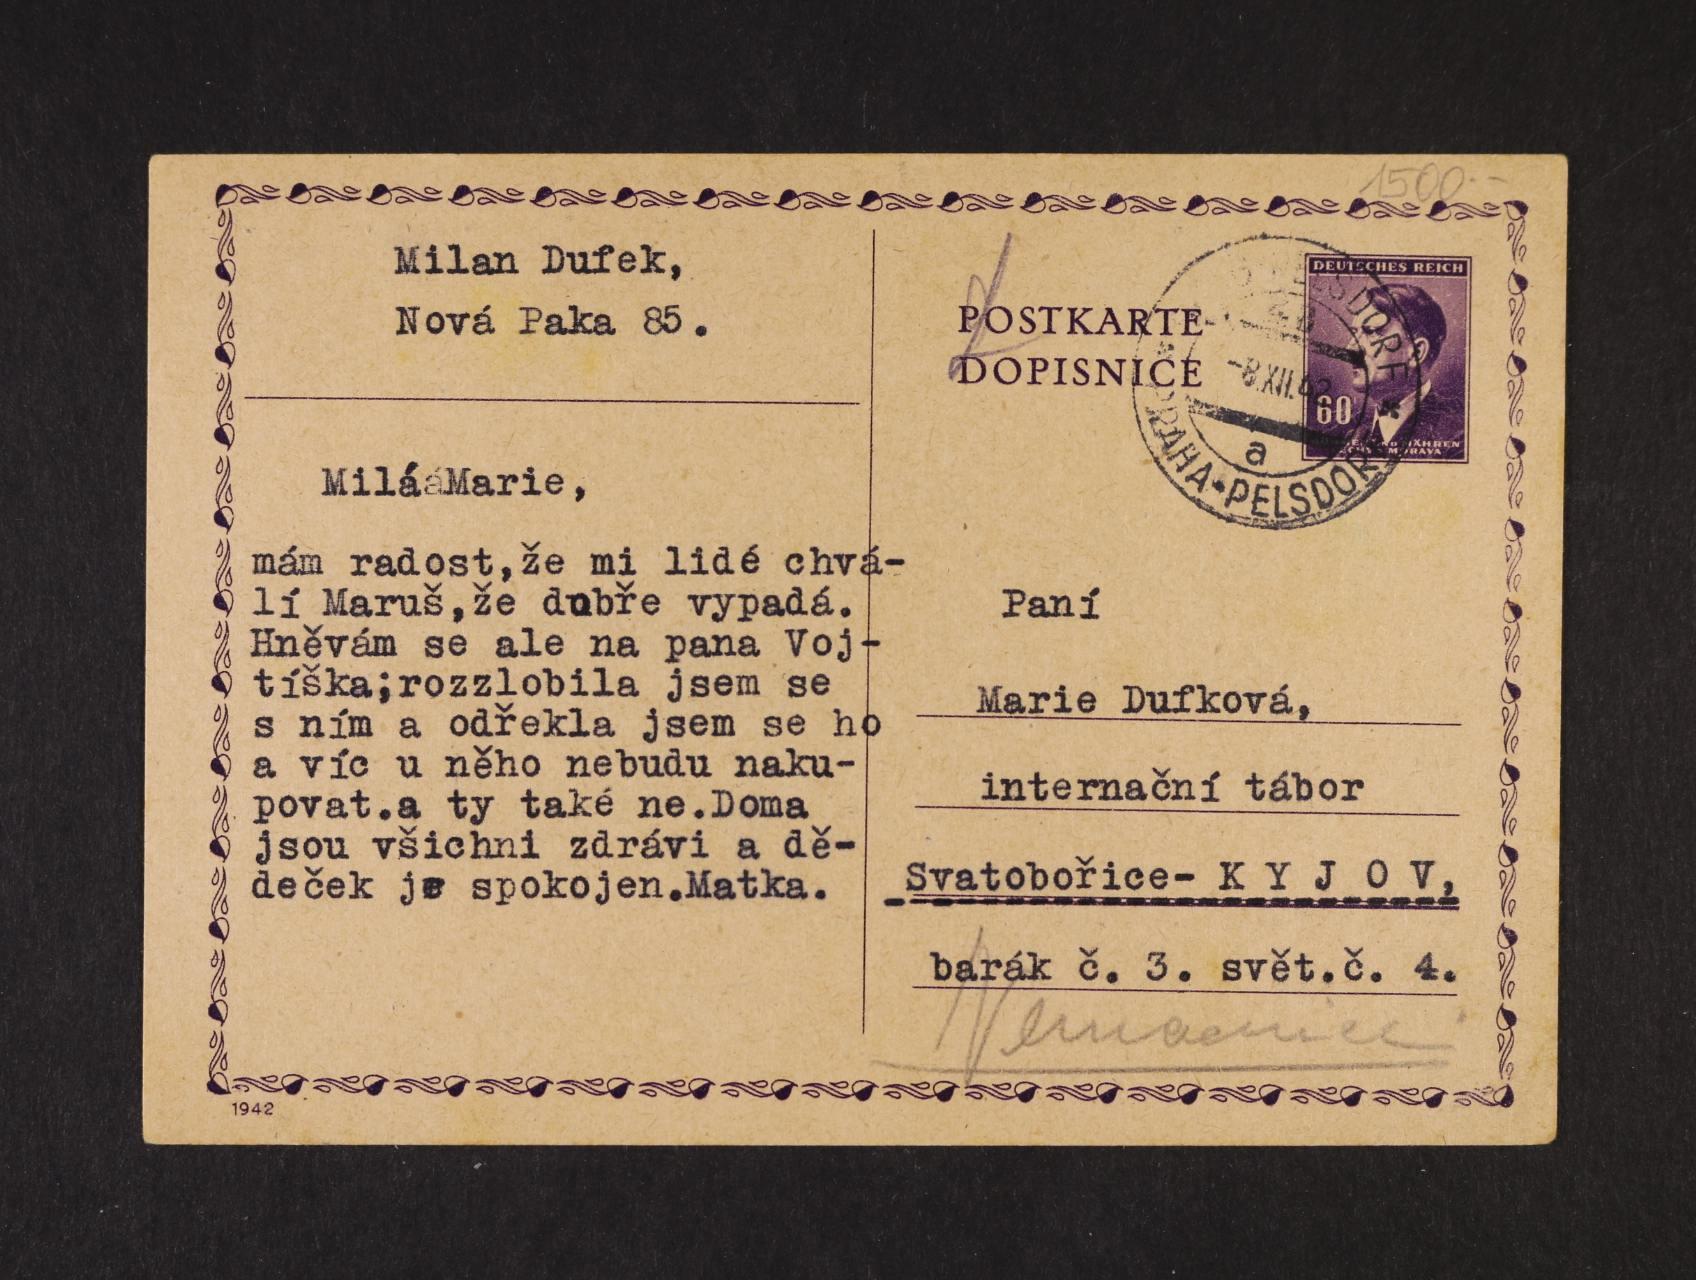 Svatobořice - Kyjov - celistvost do internačního tábora přepr. vlak poštou č. 48 8.12.42